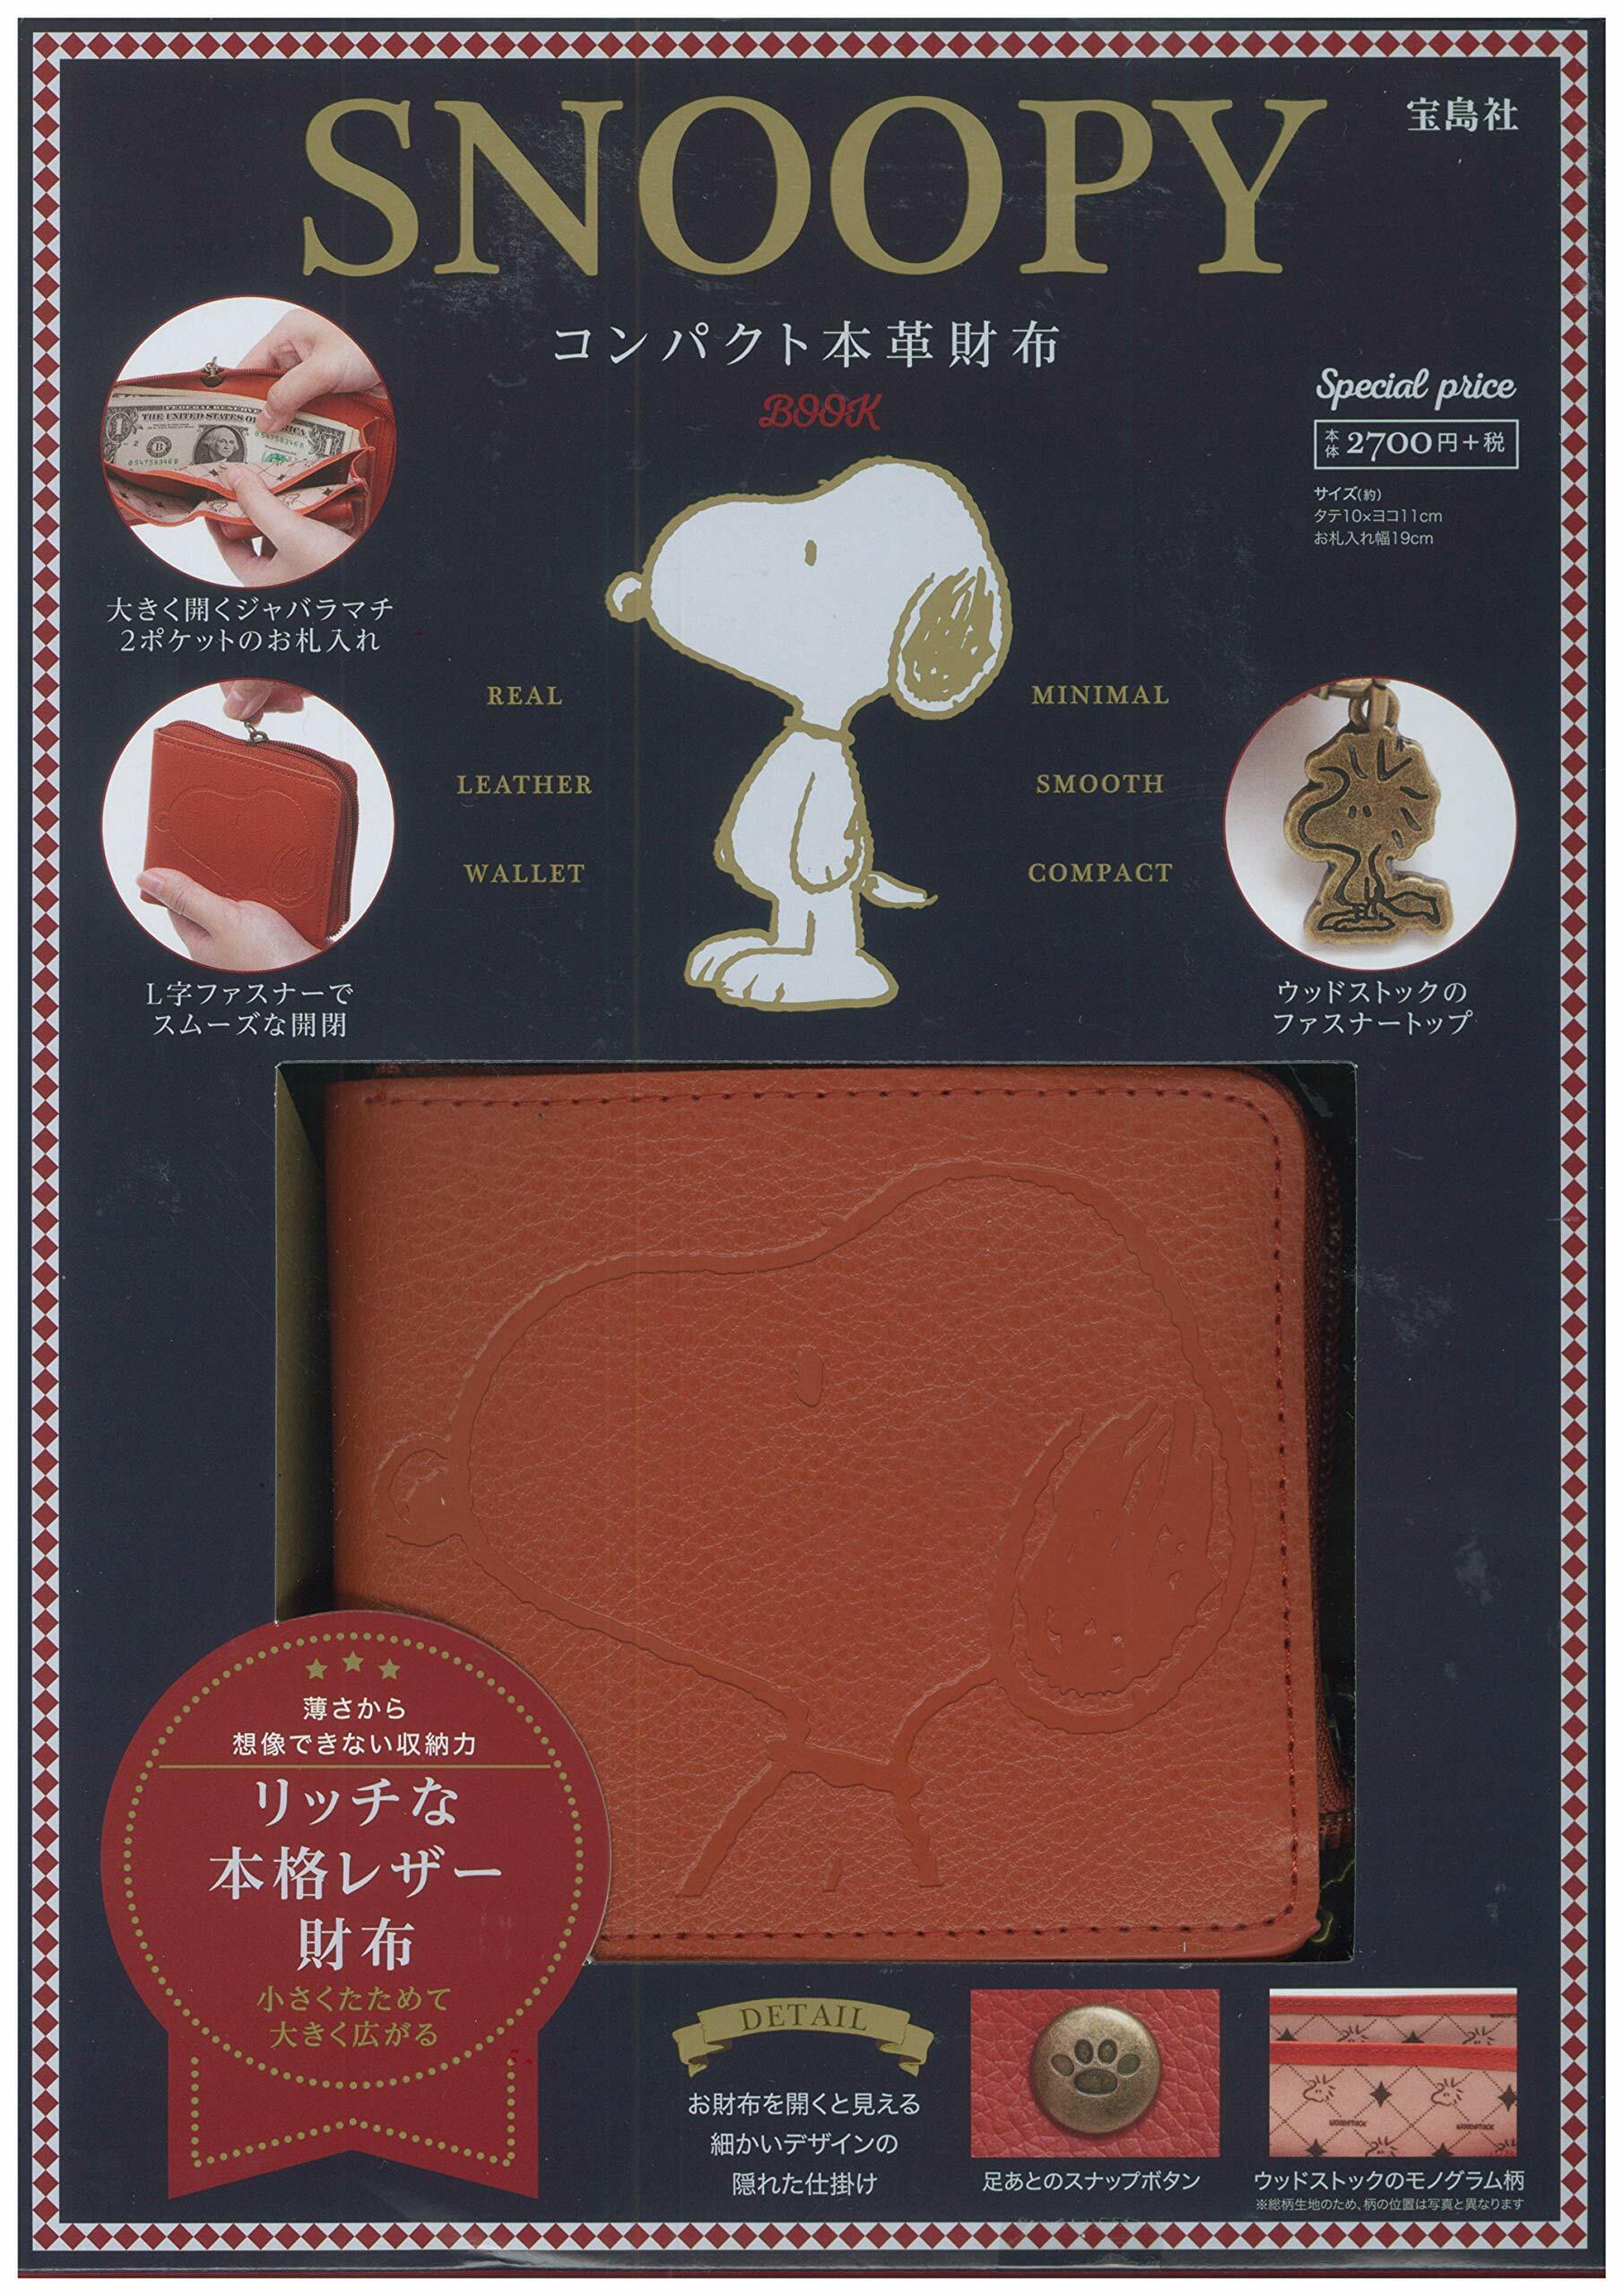 SNOOPY コンパクト本革財布 BOOK (ブランドブック)